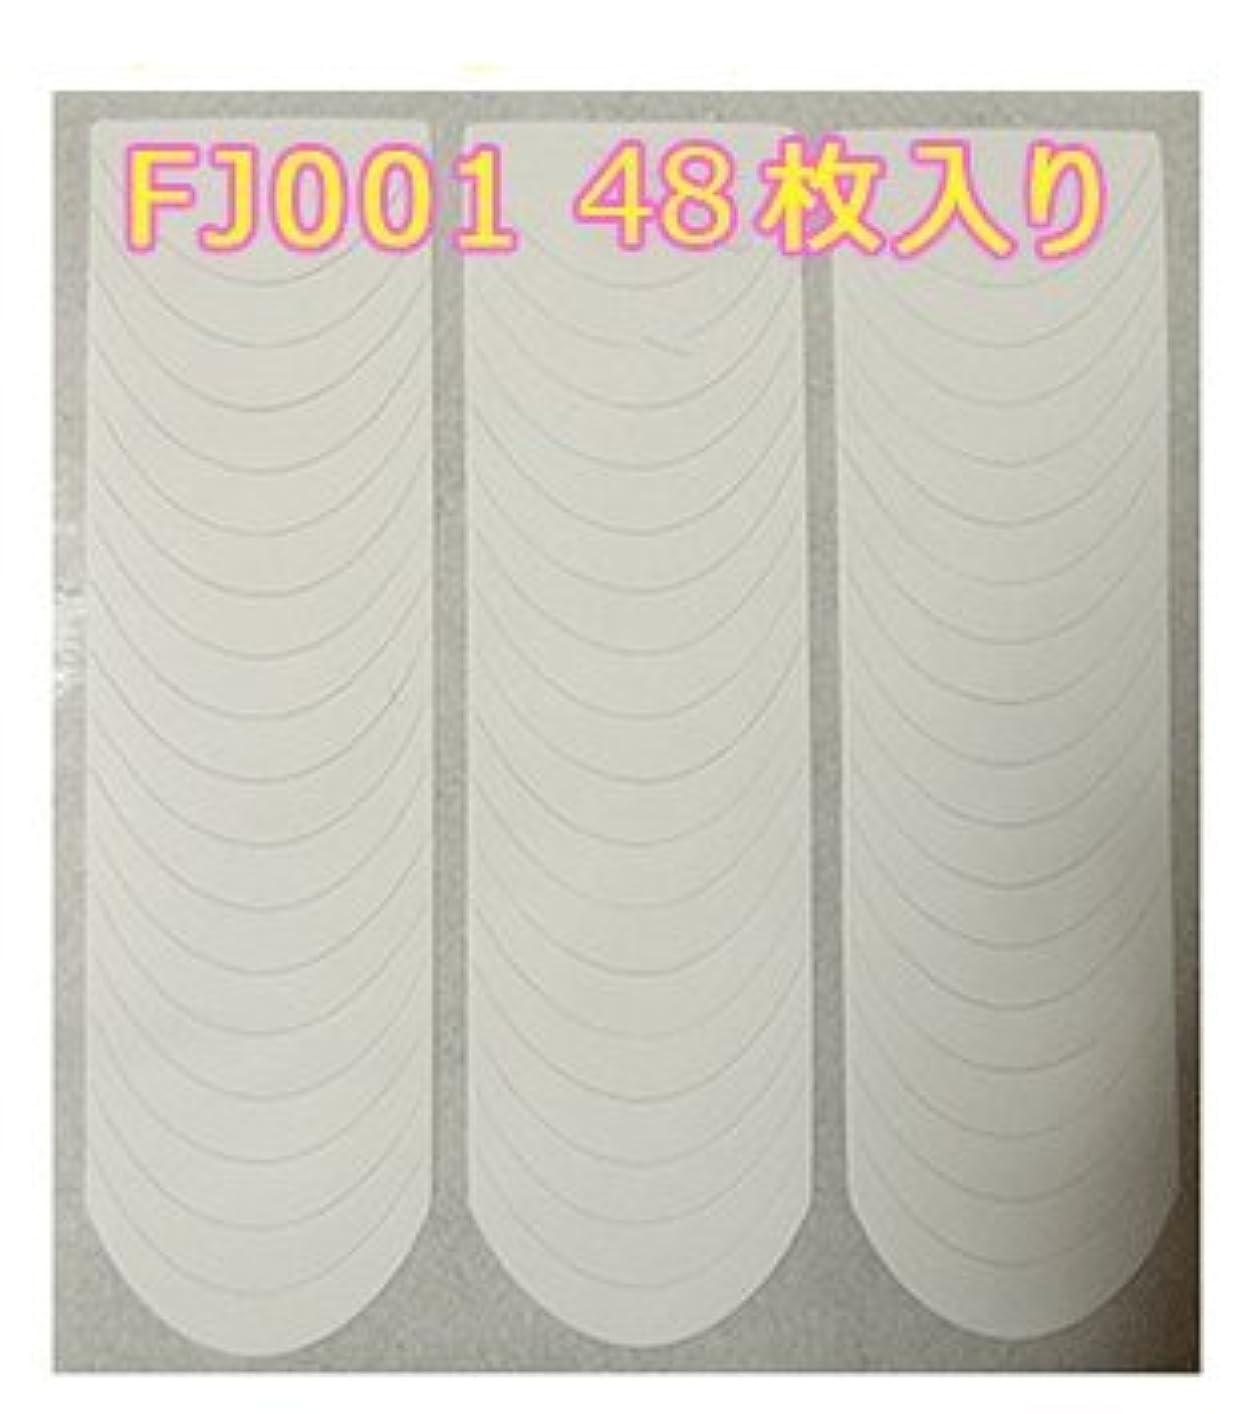 寝具満了大破フレンチガイドテープ/フレンチネイルシール/☆選べる4タイプ! (FJ001*48枚入り)